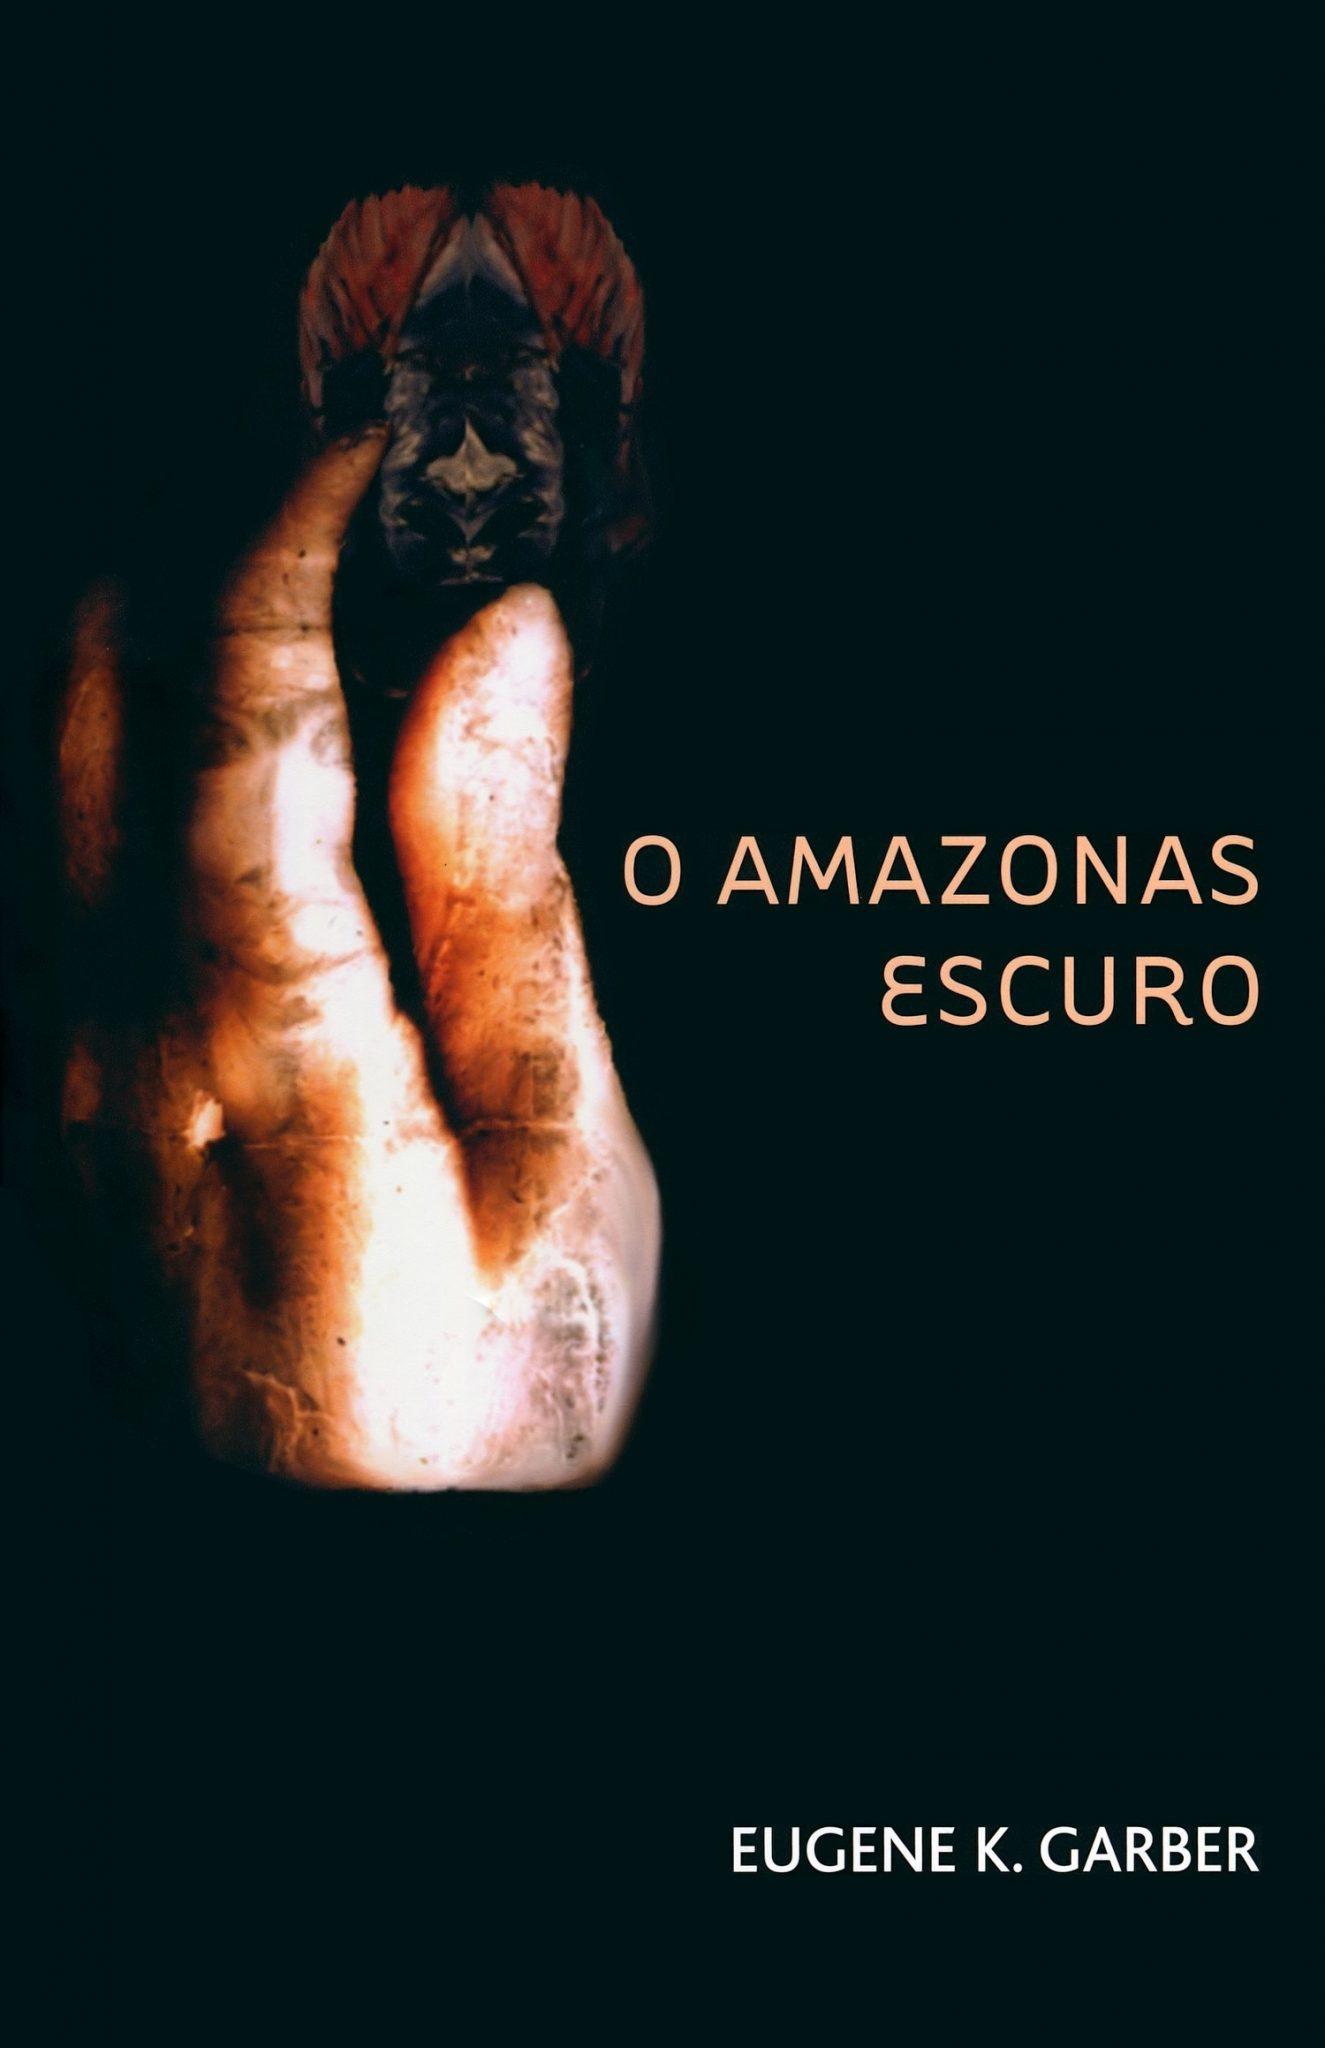 O Amazonas Escuro, Book 2 of The Eroica Trilogy